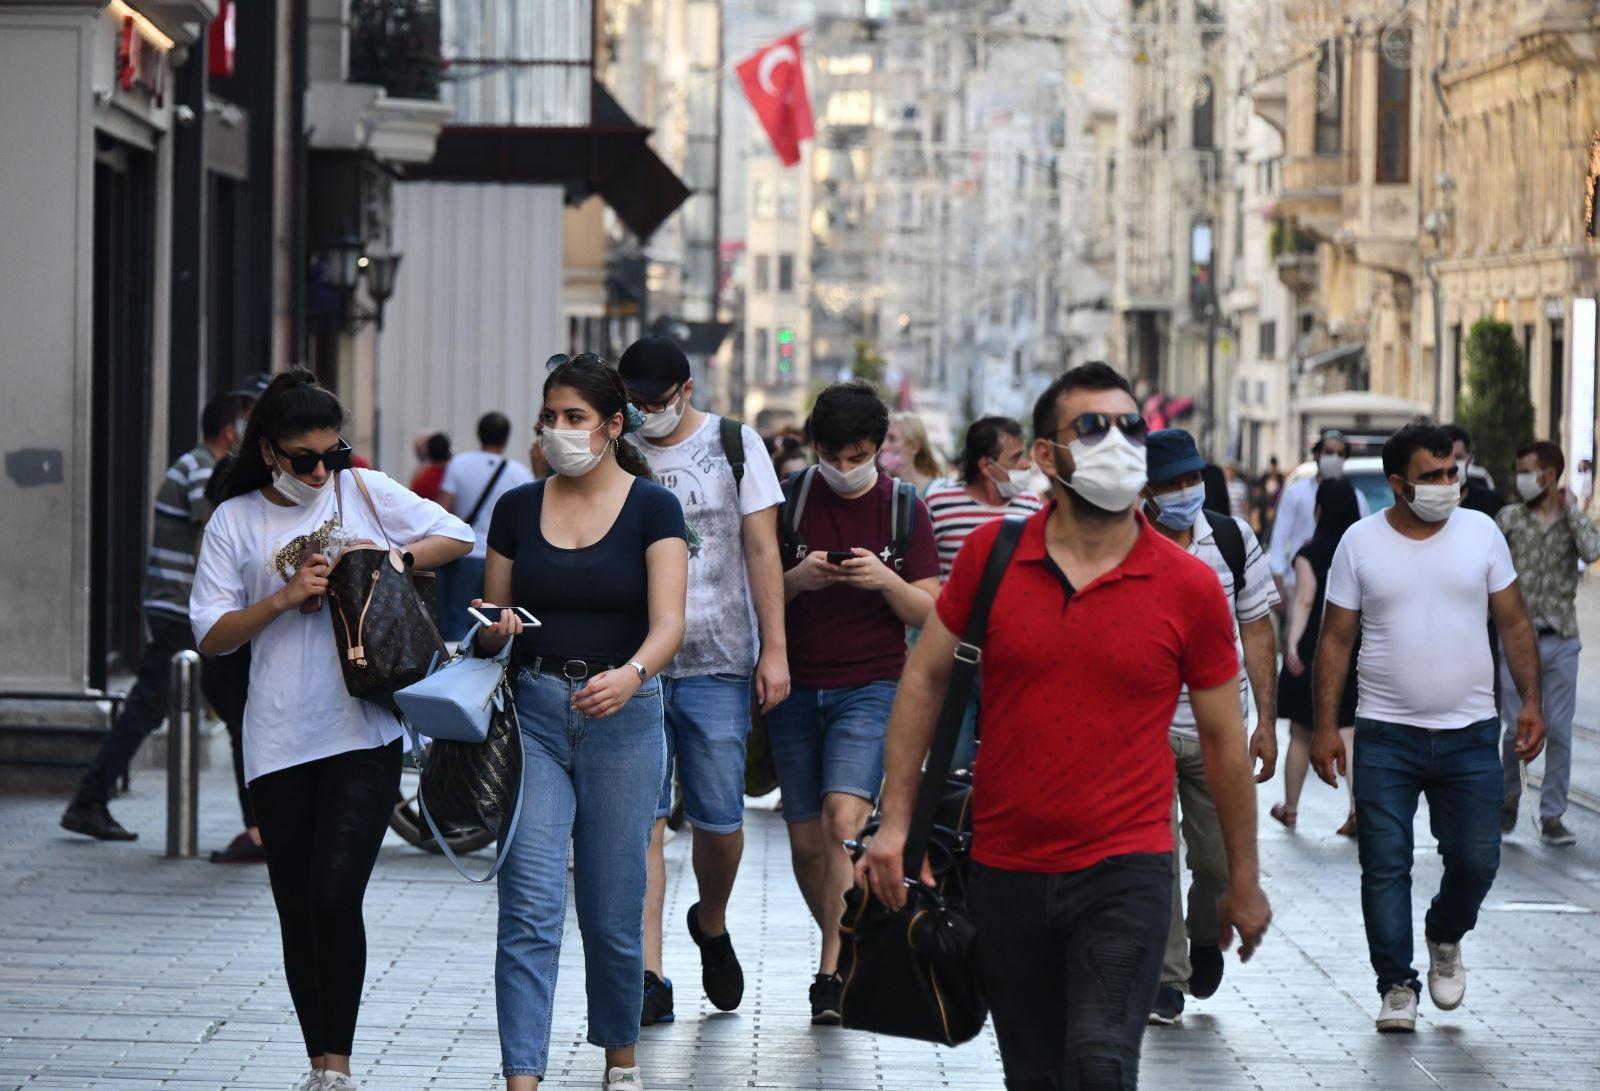 Người dân đeo khẩu trang phòng dịch COVID-19 tại Istanbul, Thổ Nhĩ Kỳ ngày 1-7-2020. Ảnh: THX/TTXVN